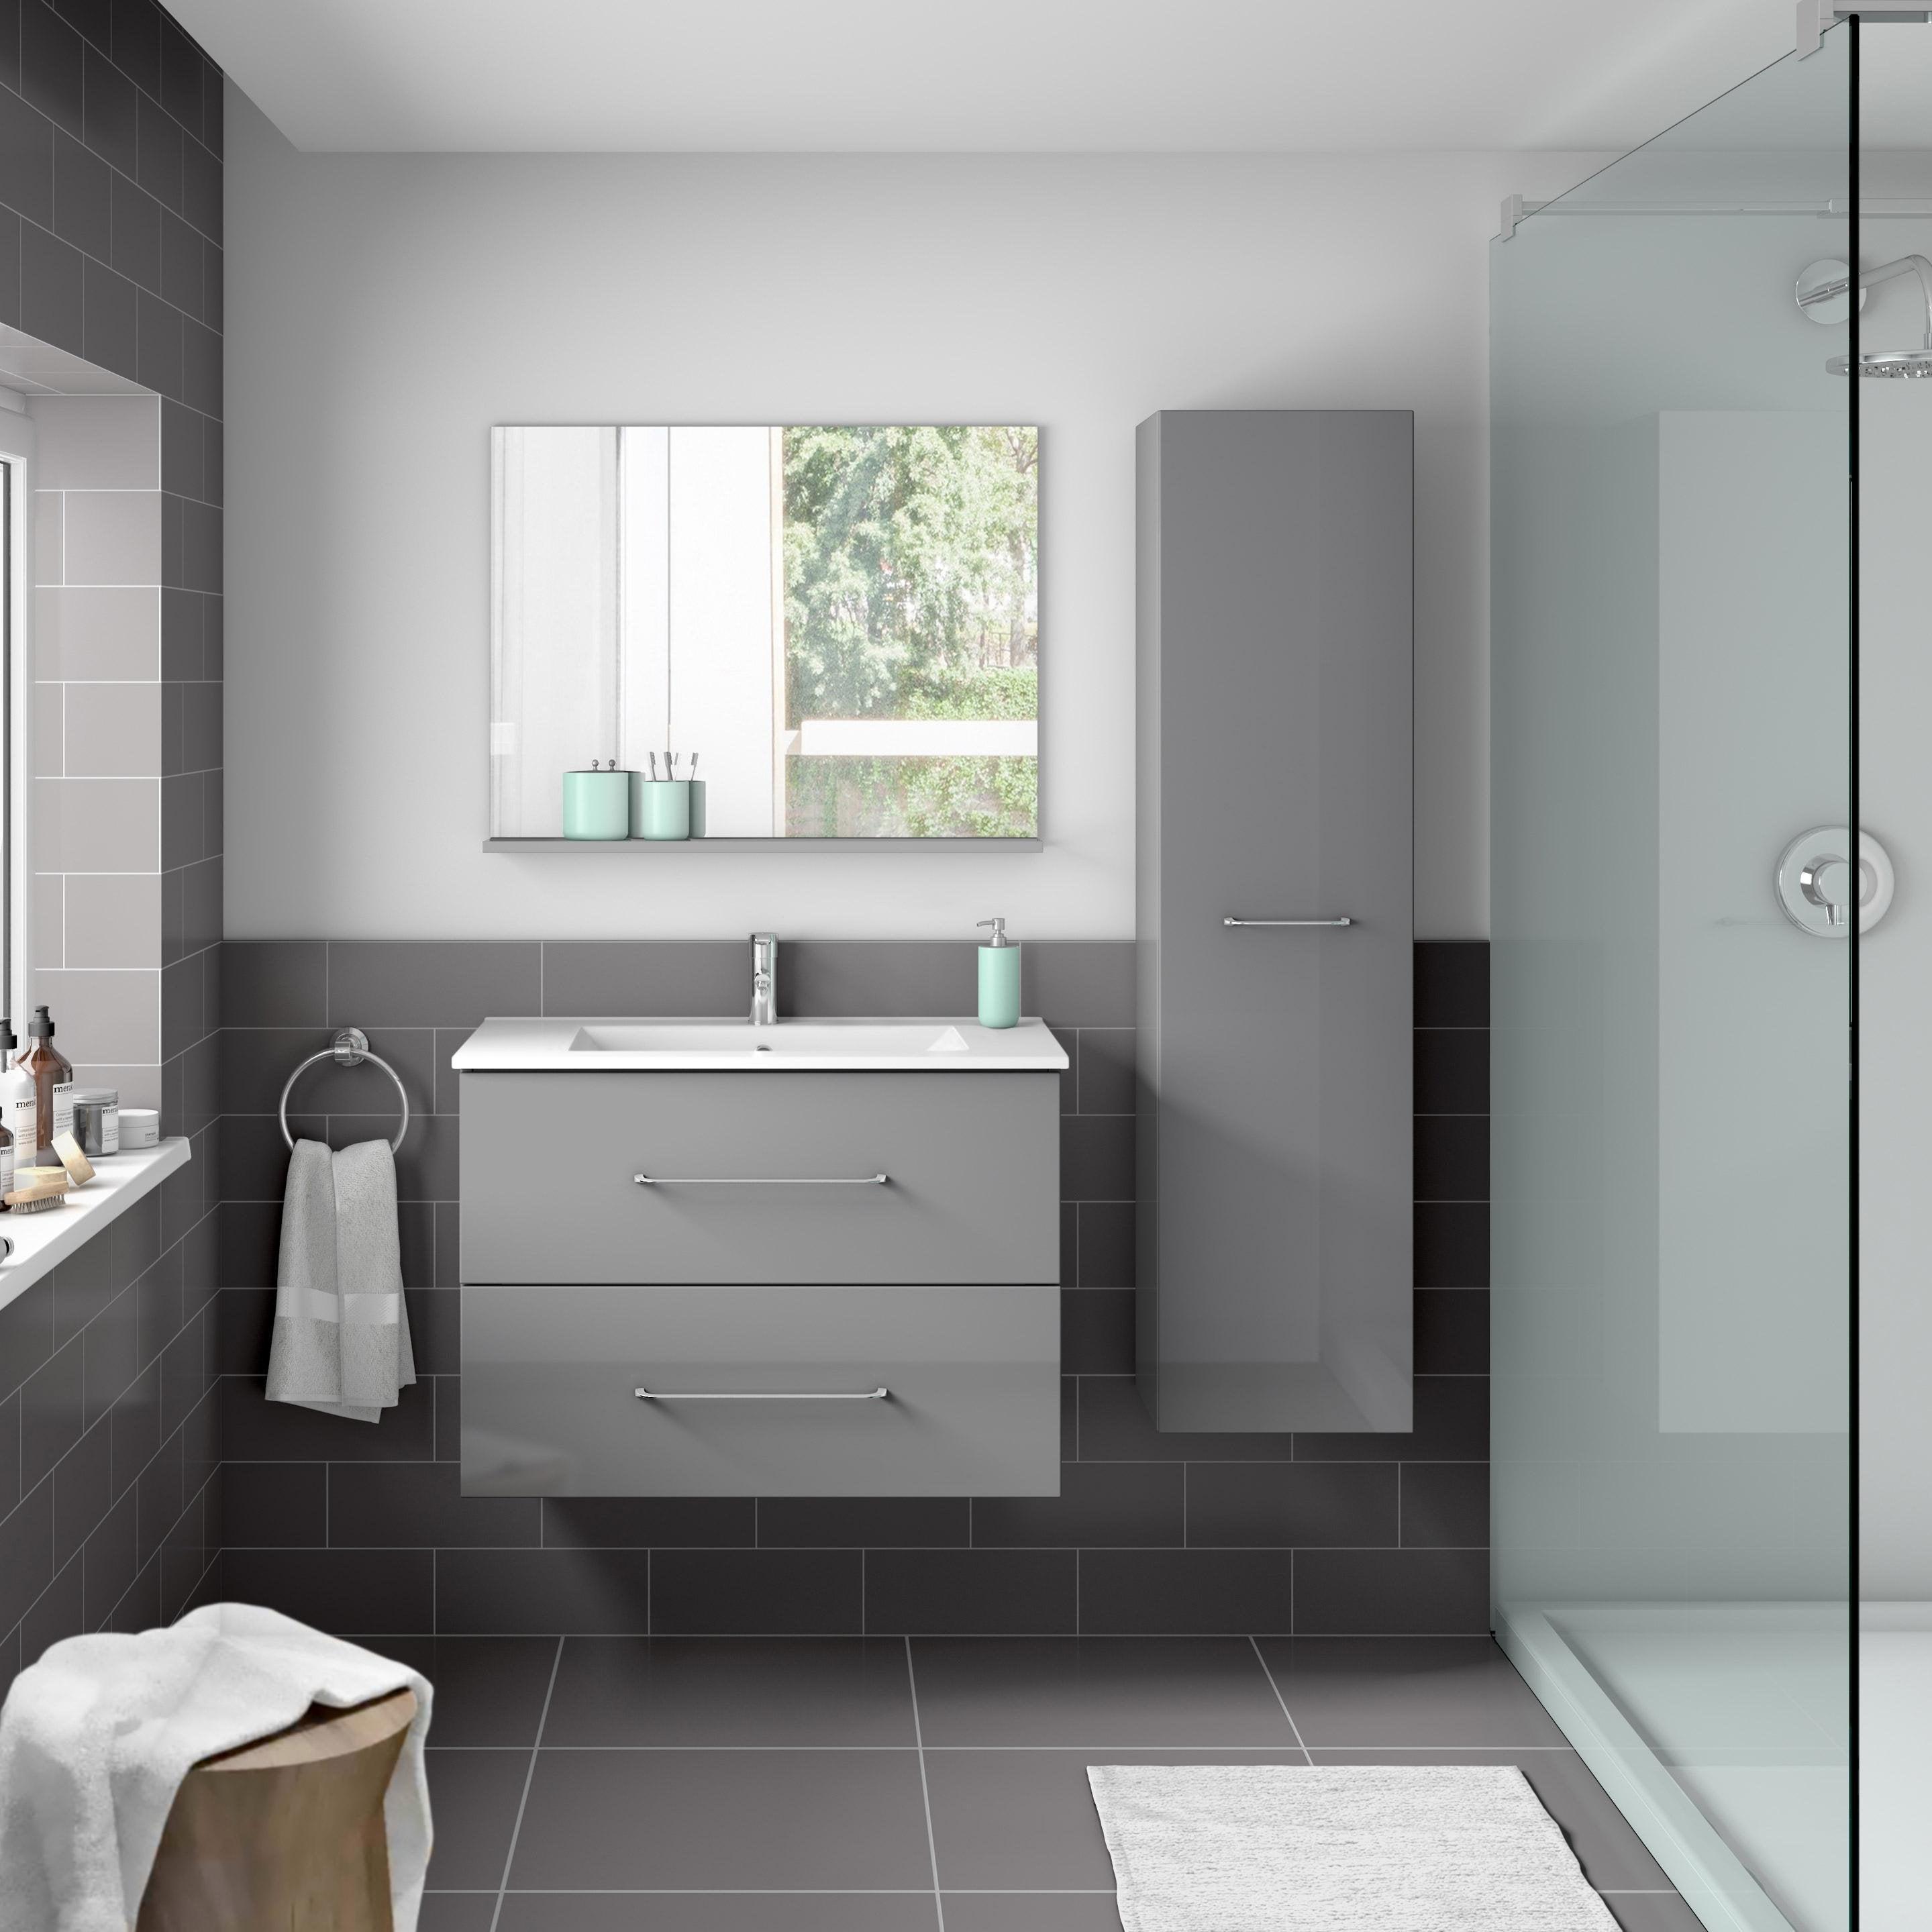 Meuble Haut Salle De Bain Avec Miroir meuble de salle de bains l.69.5 x h.57 x p.45 cm, gris, clik